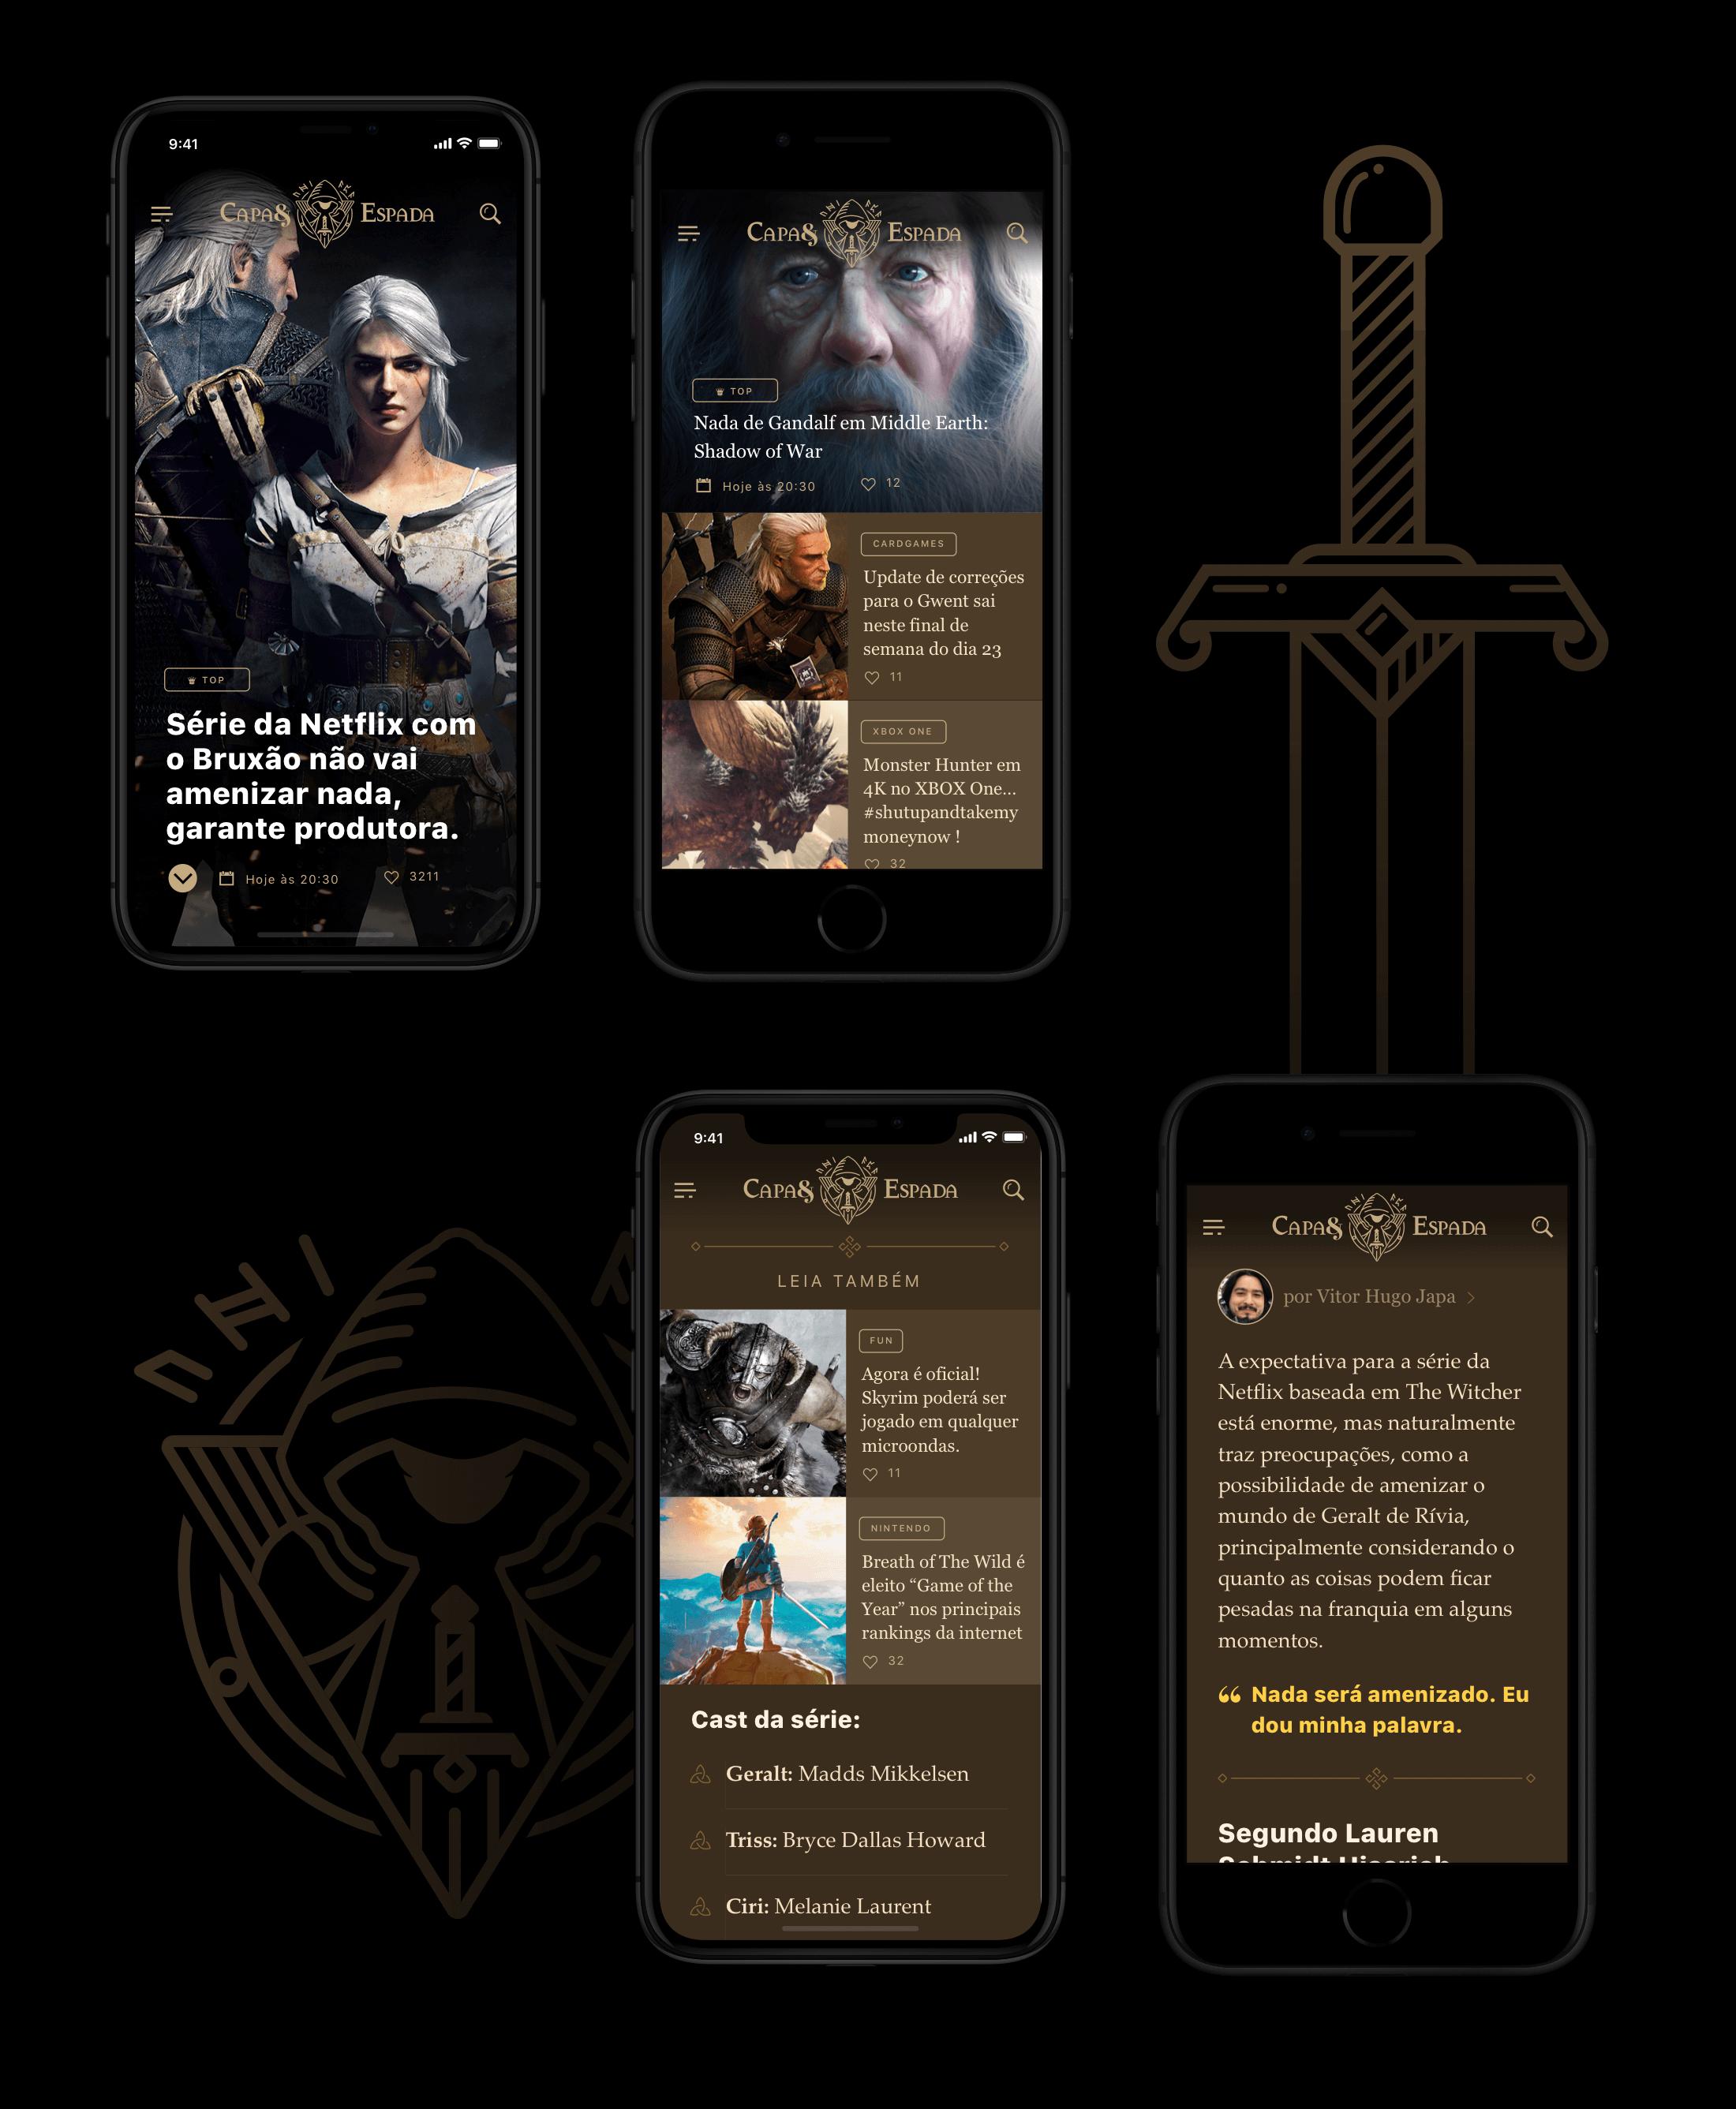 Capa & Espada no iPhone X